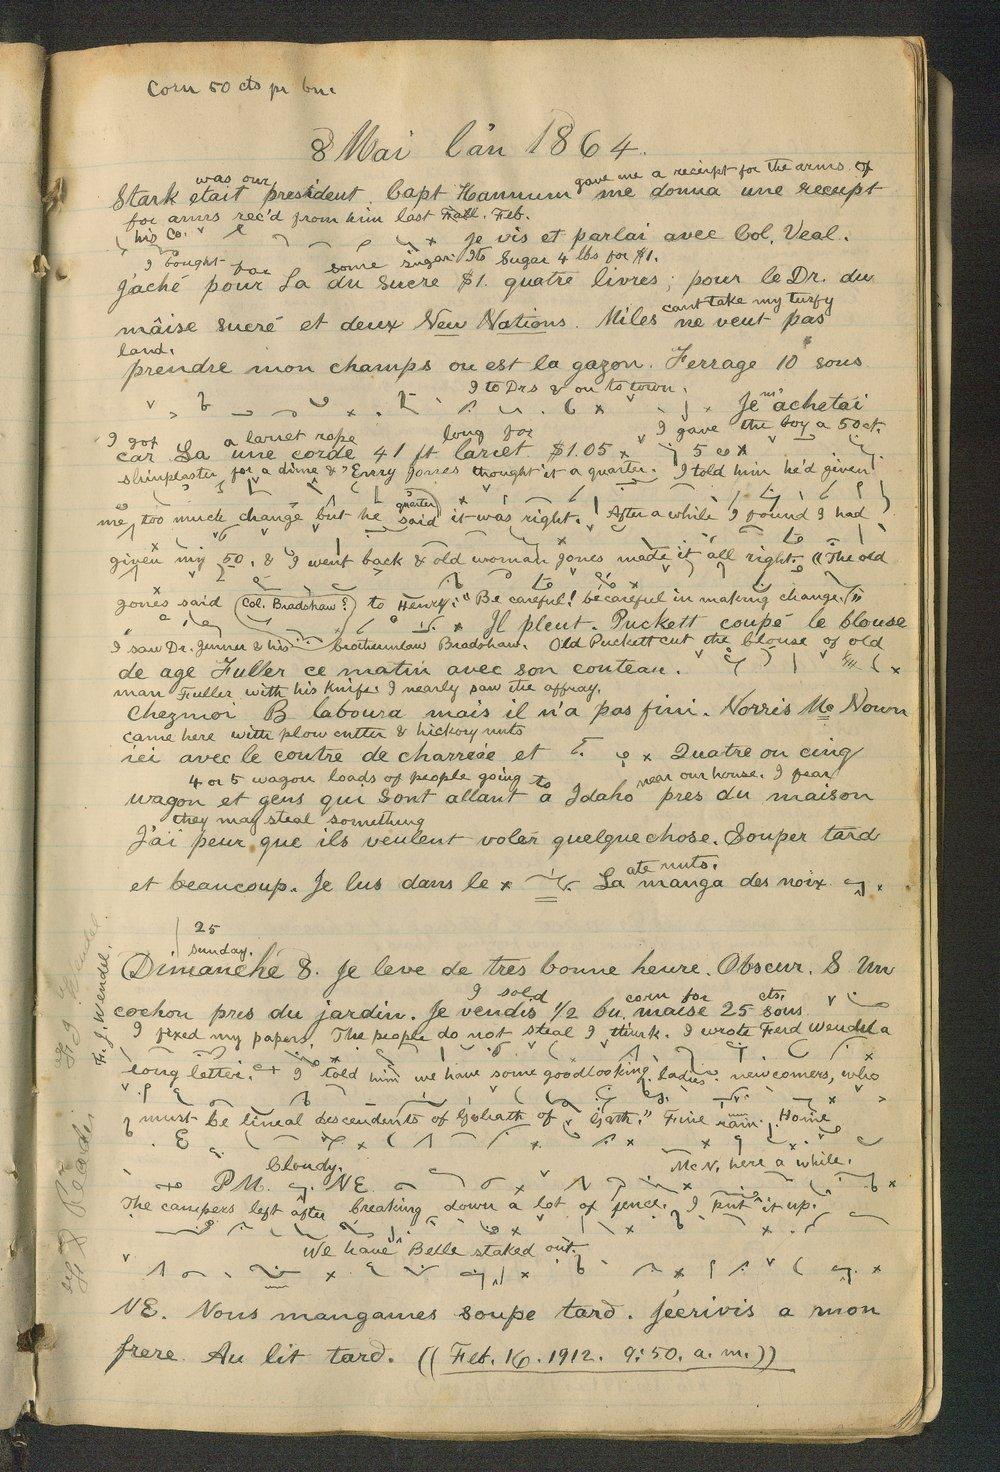 Samuel Reader's diary, volume 6 - 5